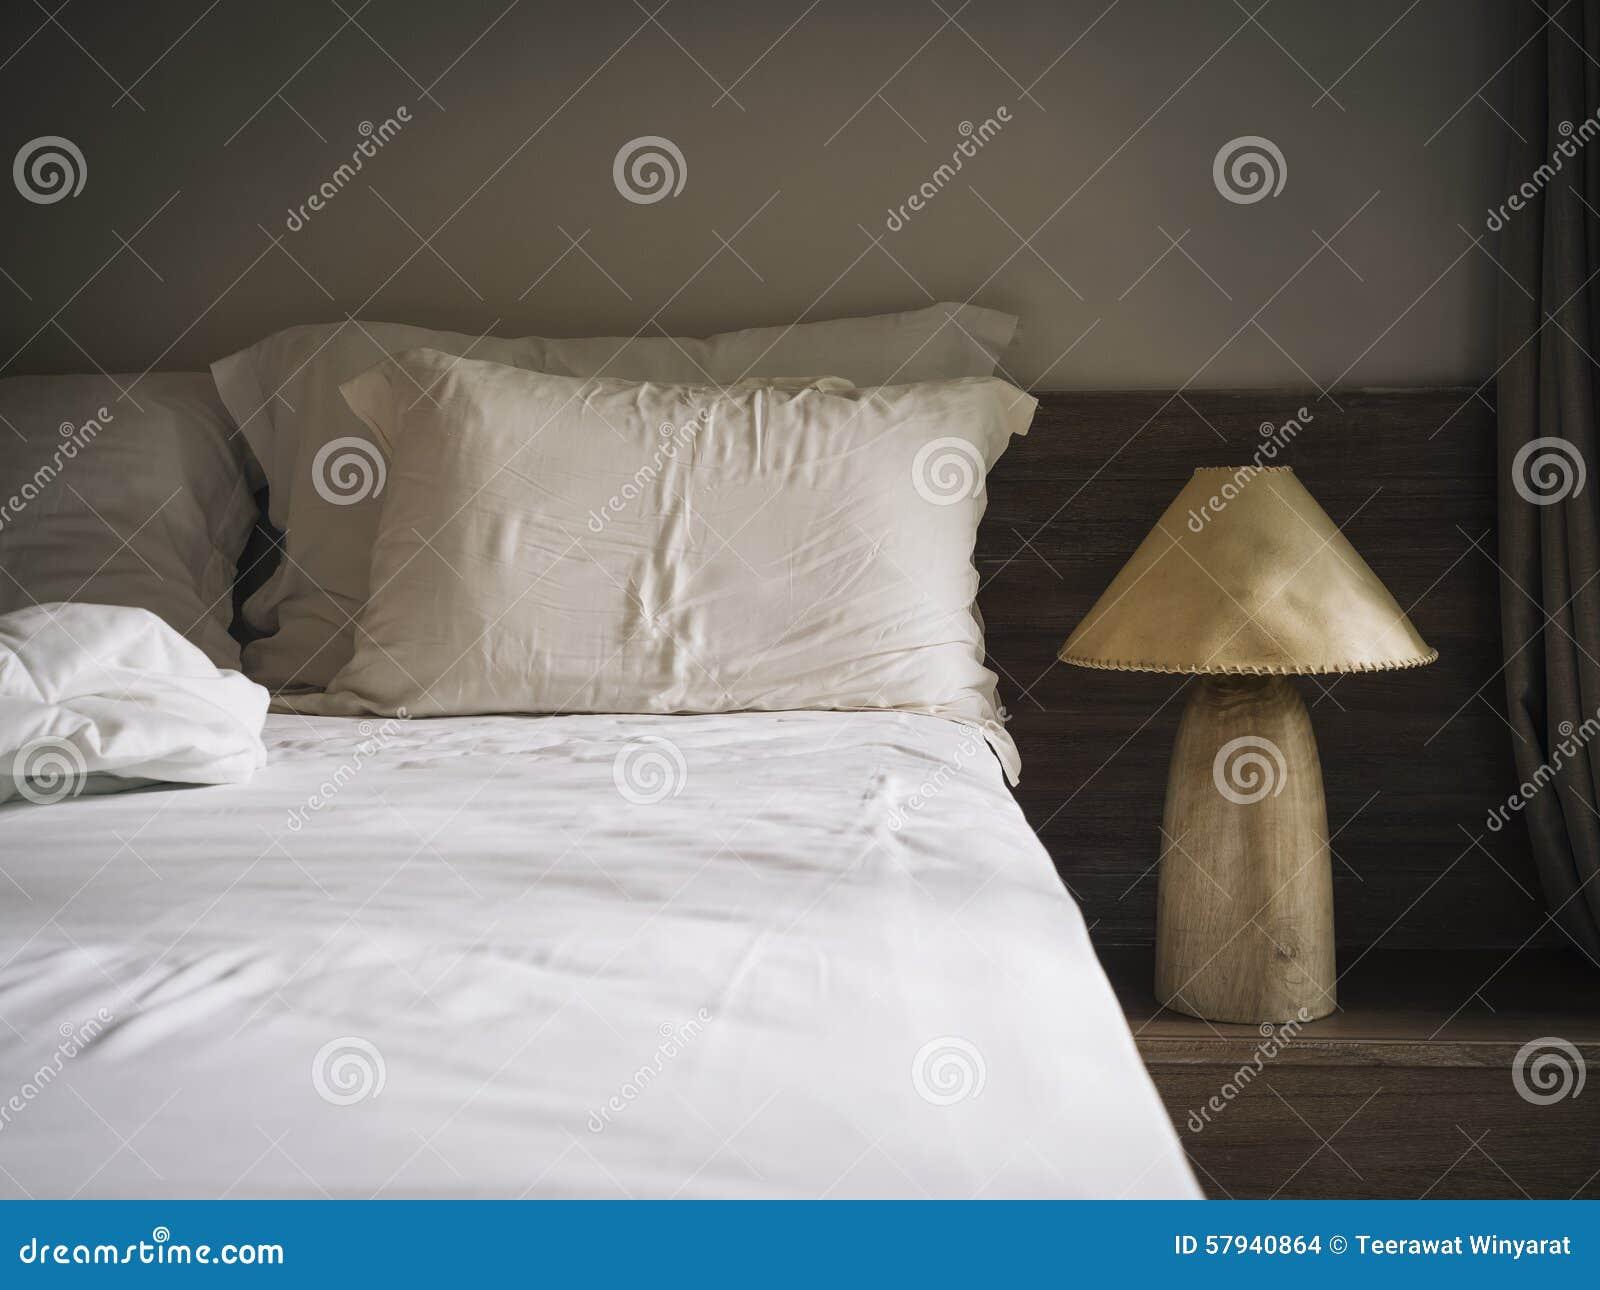 lenzuolo matress e cuscini in camera da letto con stile naturale ... - Cuscini Camera Da Letto